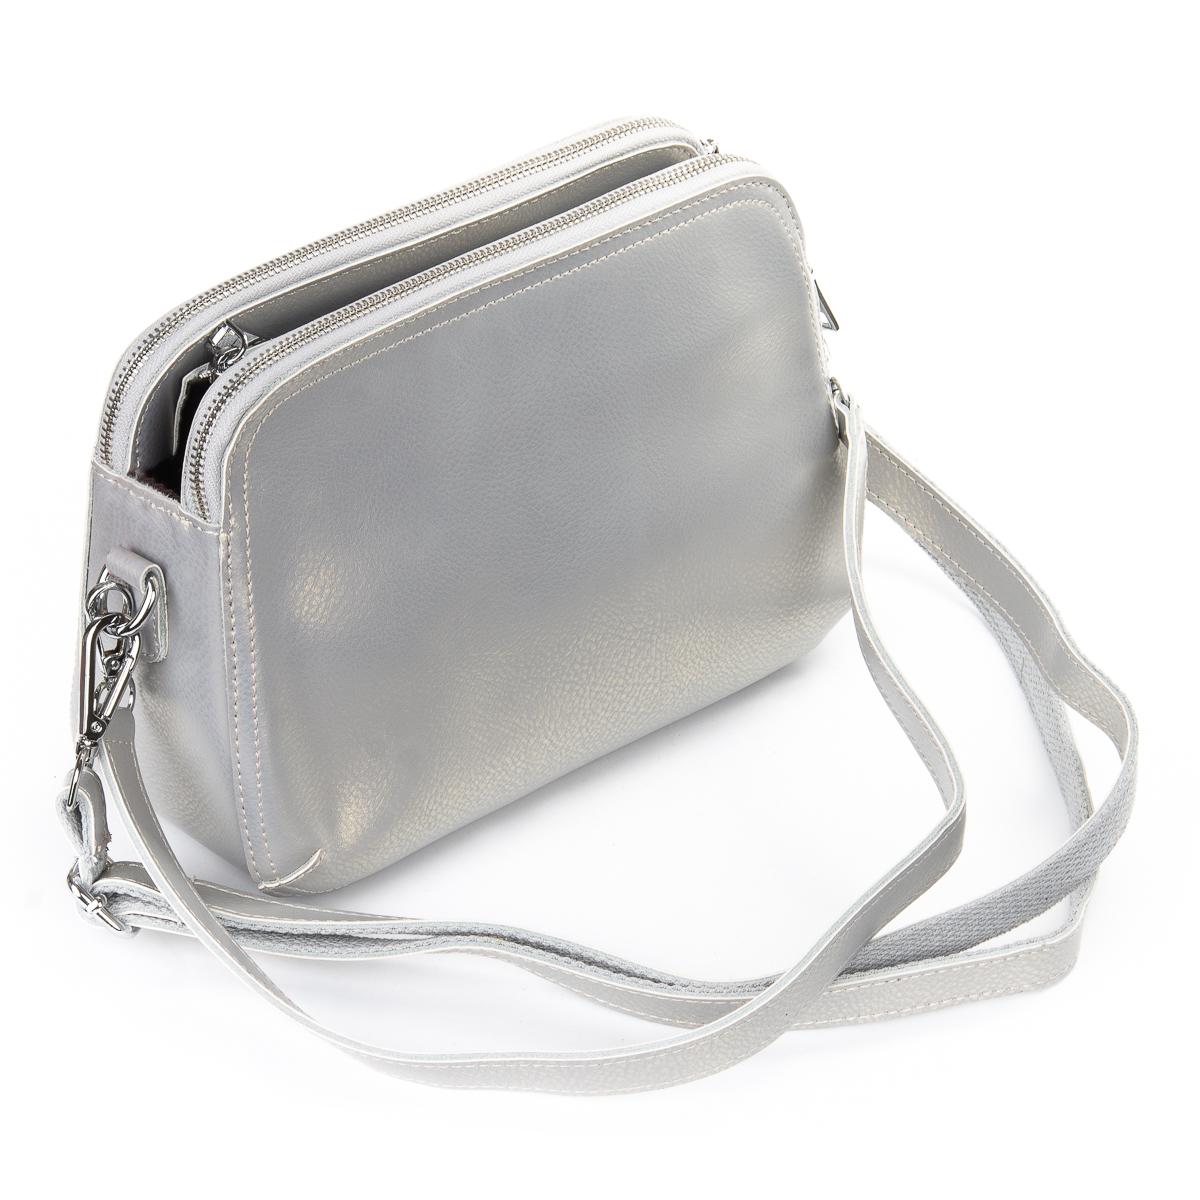 Сумка Женская Клатч кожа ALEX RAI 06-1 8725 bead ight-grey - фото 5